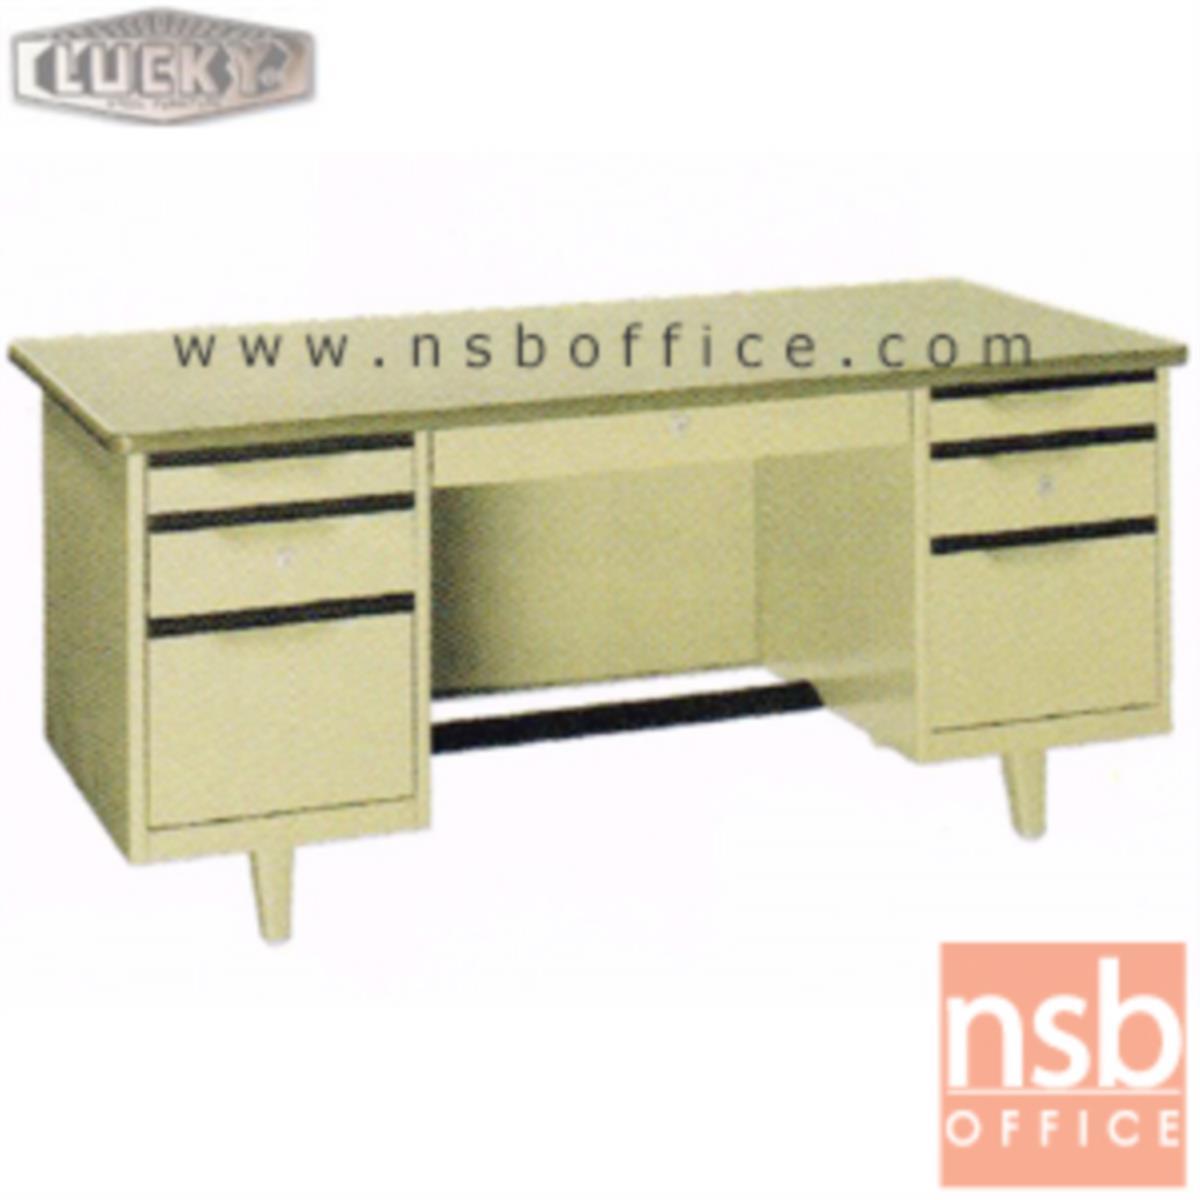 E28A105:โต๊ะทำงานเหล็กหน้าโฟเมก้า 7 ลิ้นชัก ยี่ห้อ Lucky  รุ่น TC-2654,TC-3060,TC-3472